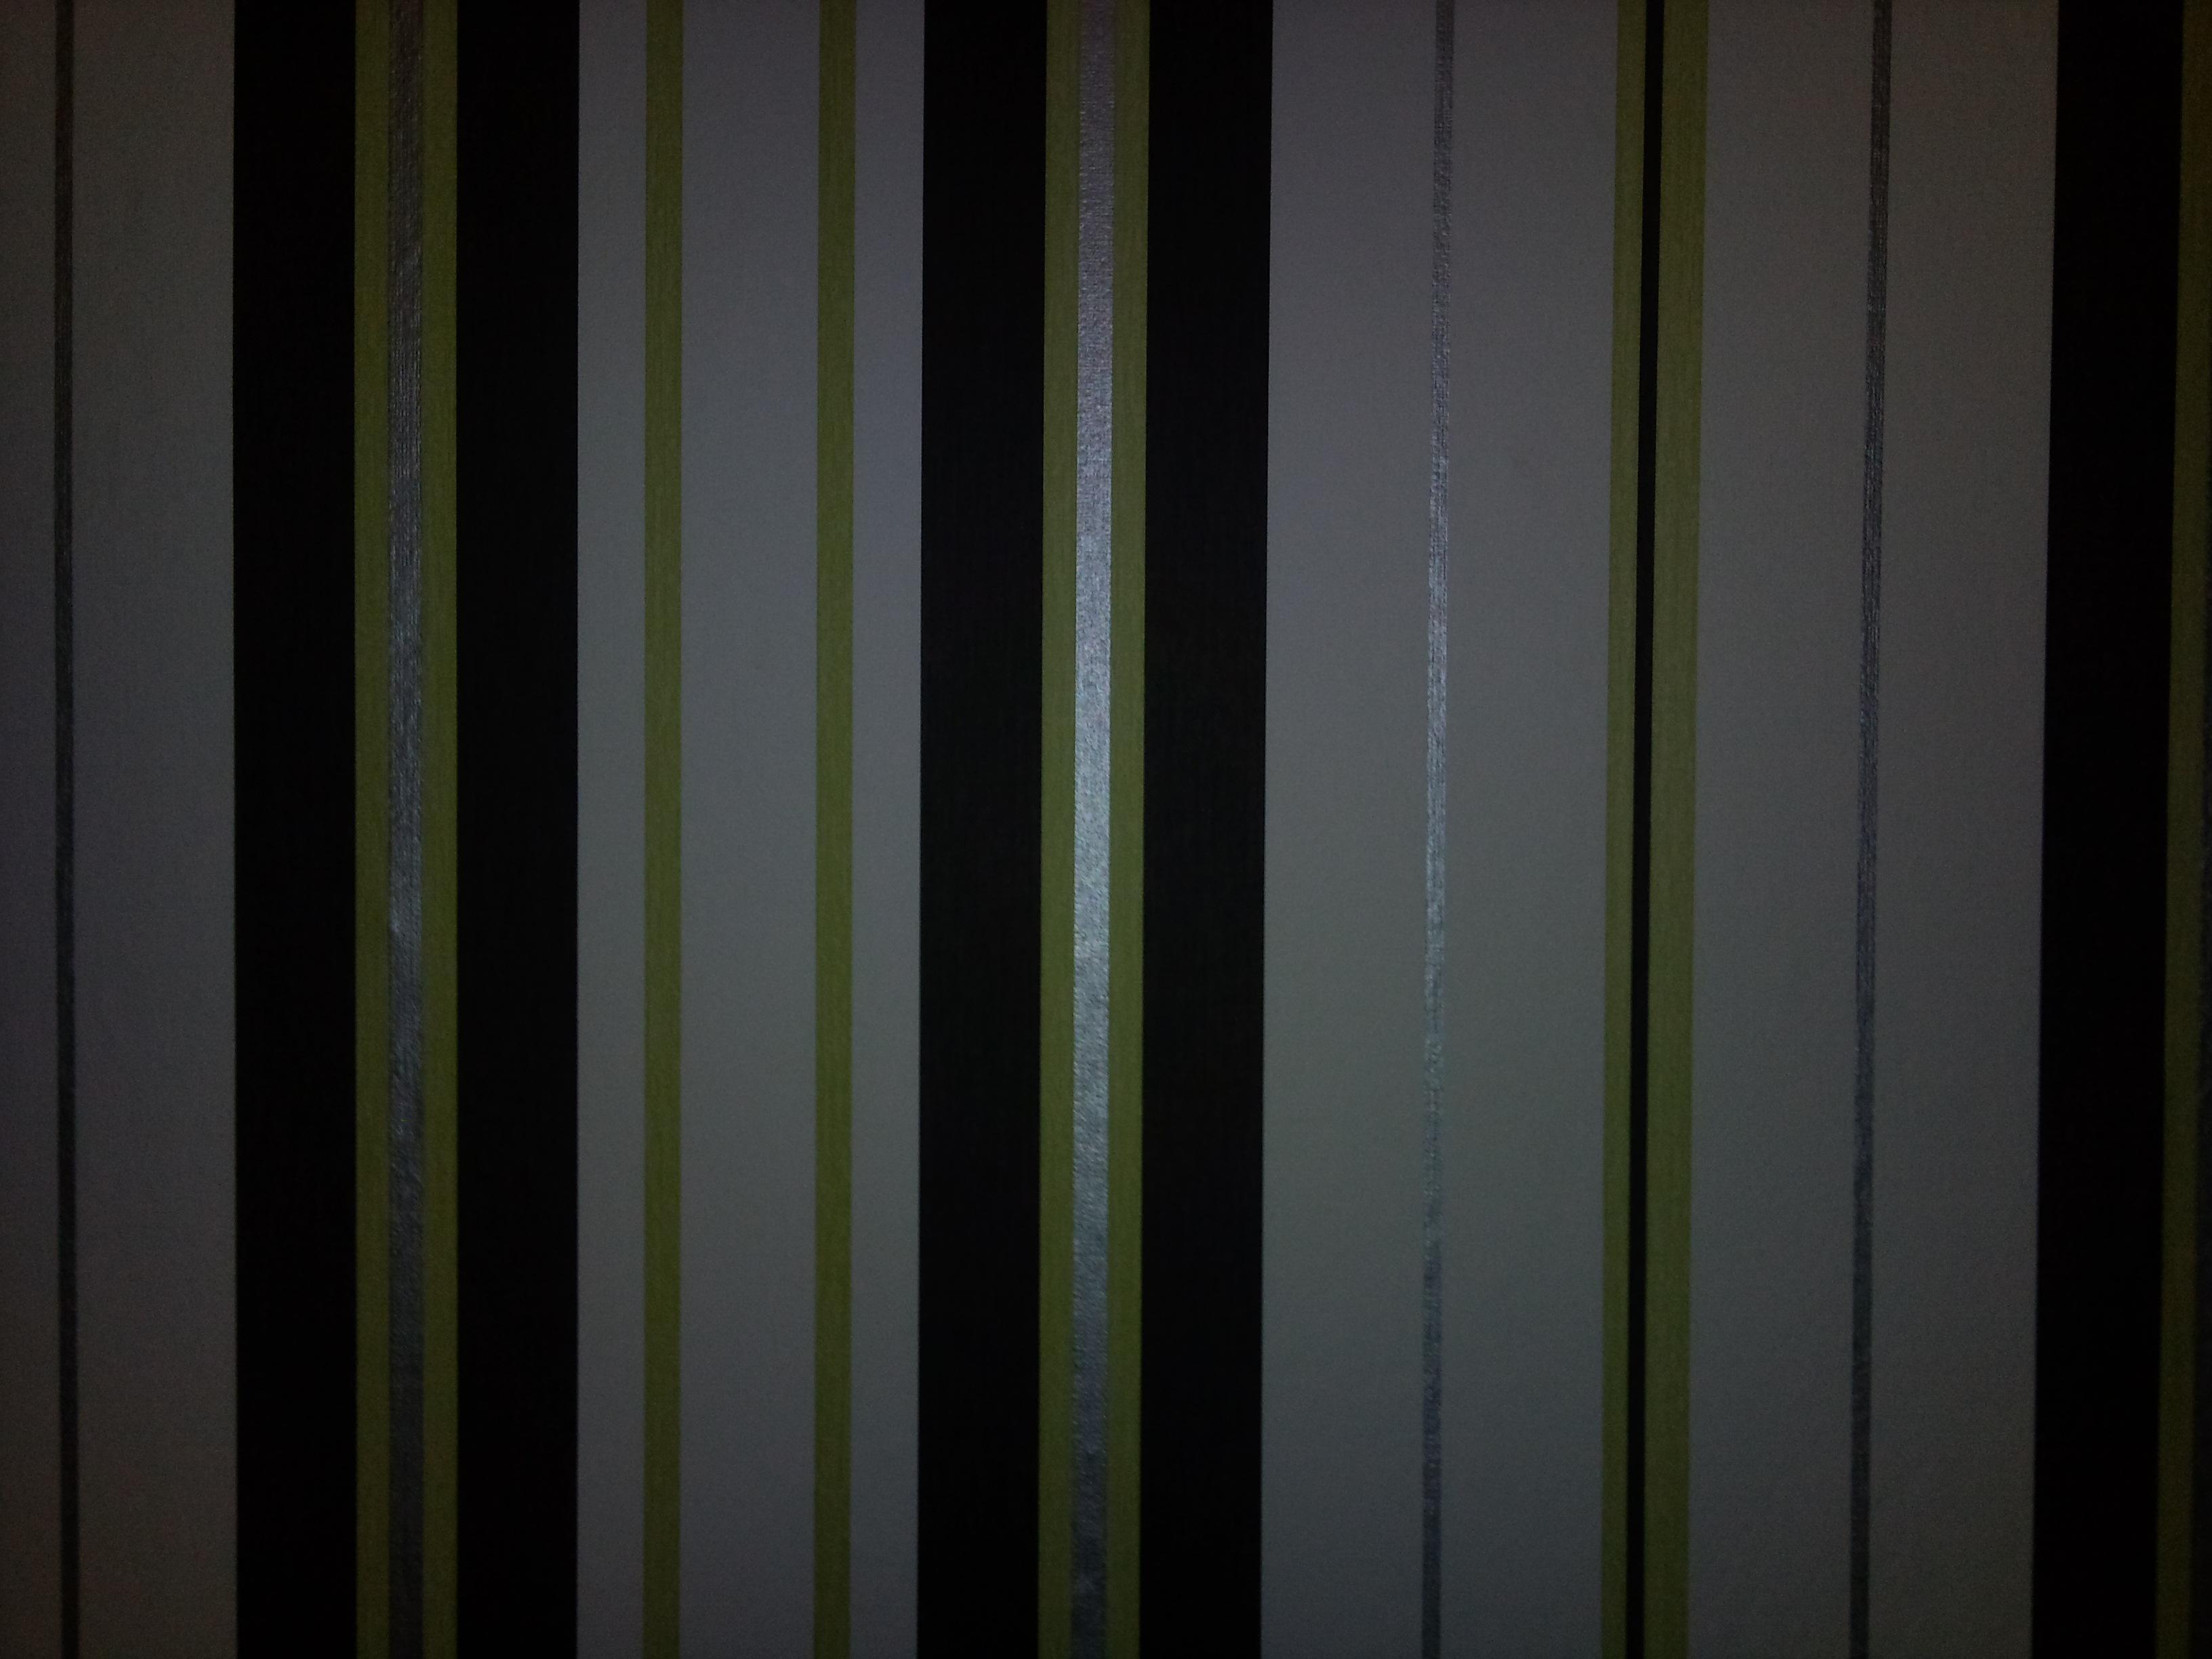 schlafzimmer fã r kleine rã ume - 3 images - funvit wand grau streichen, funvit pendelleuchten ...